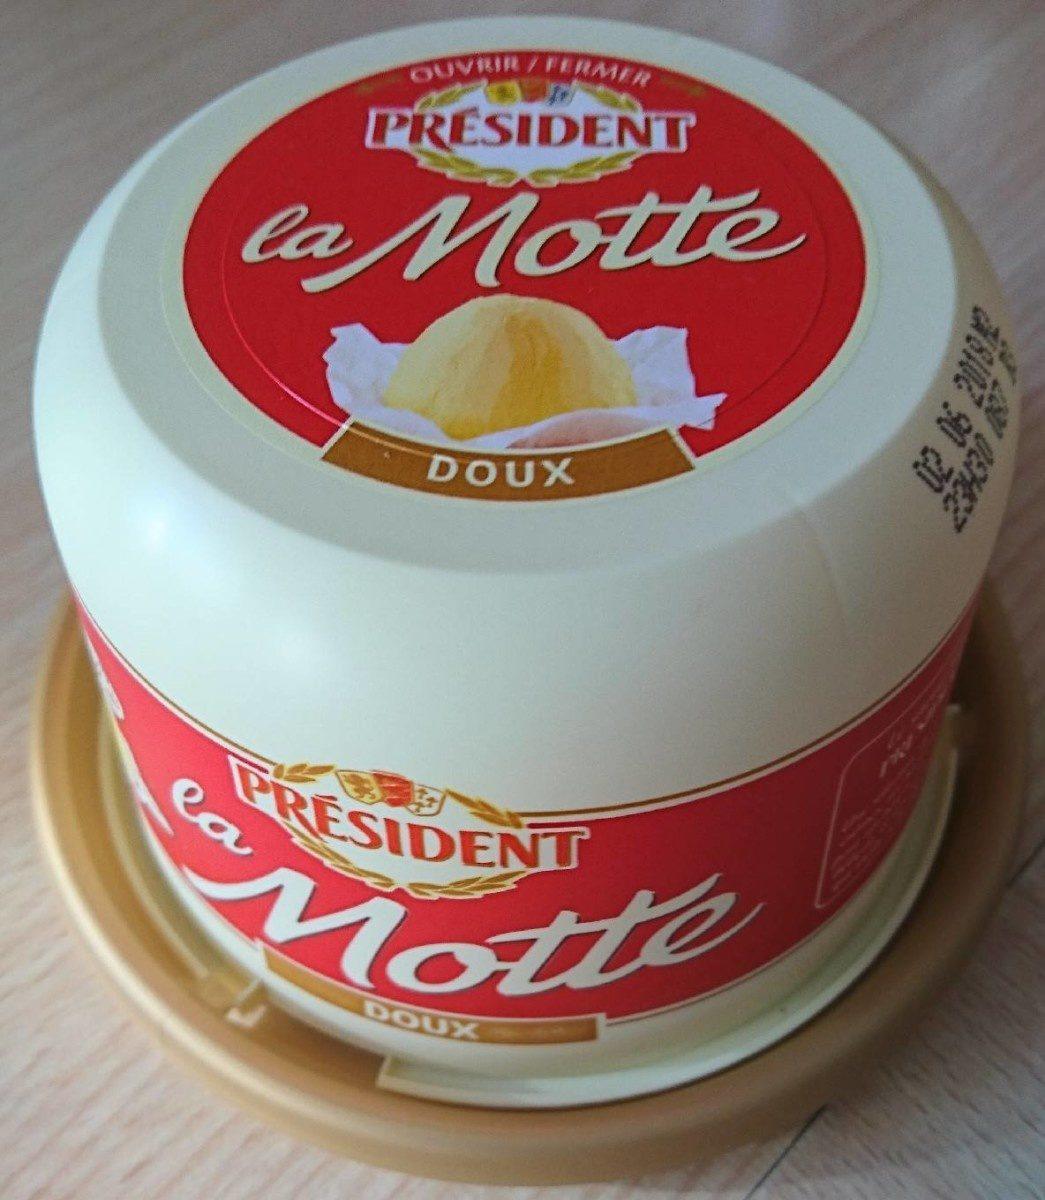 La Motte - Product